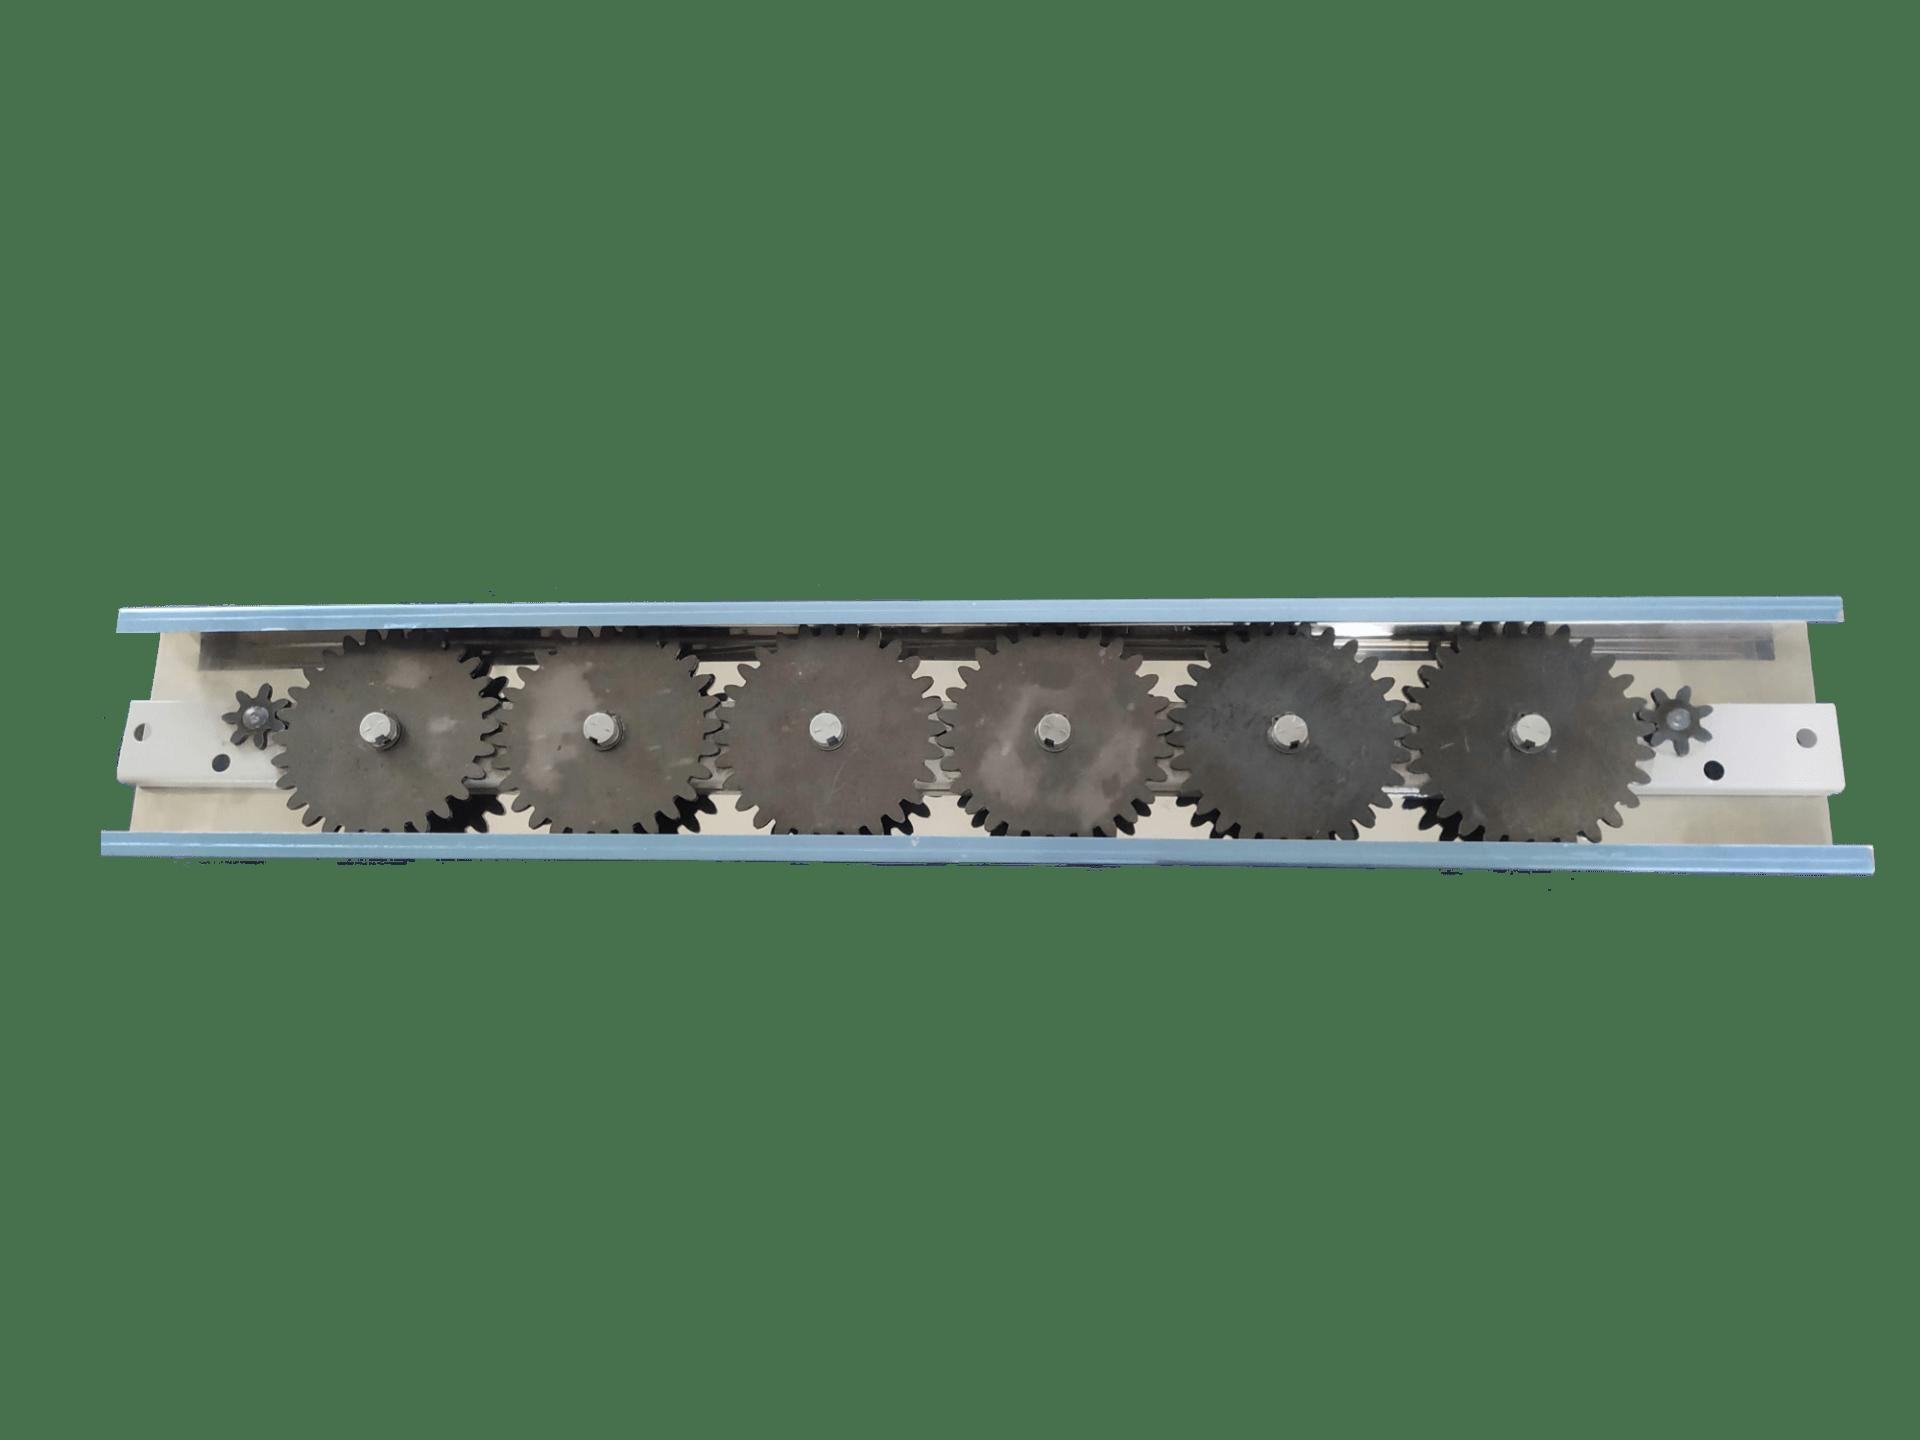 Conjunto Engrenagens para Churrasqueira a Carvão 6 Espetos  - HL SERVICE